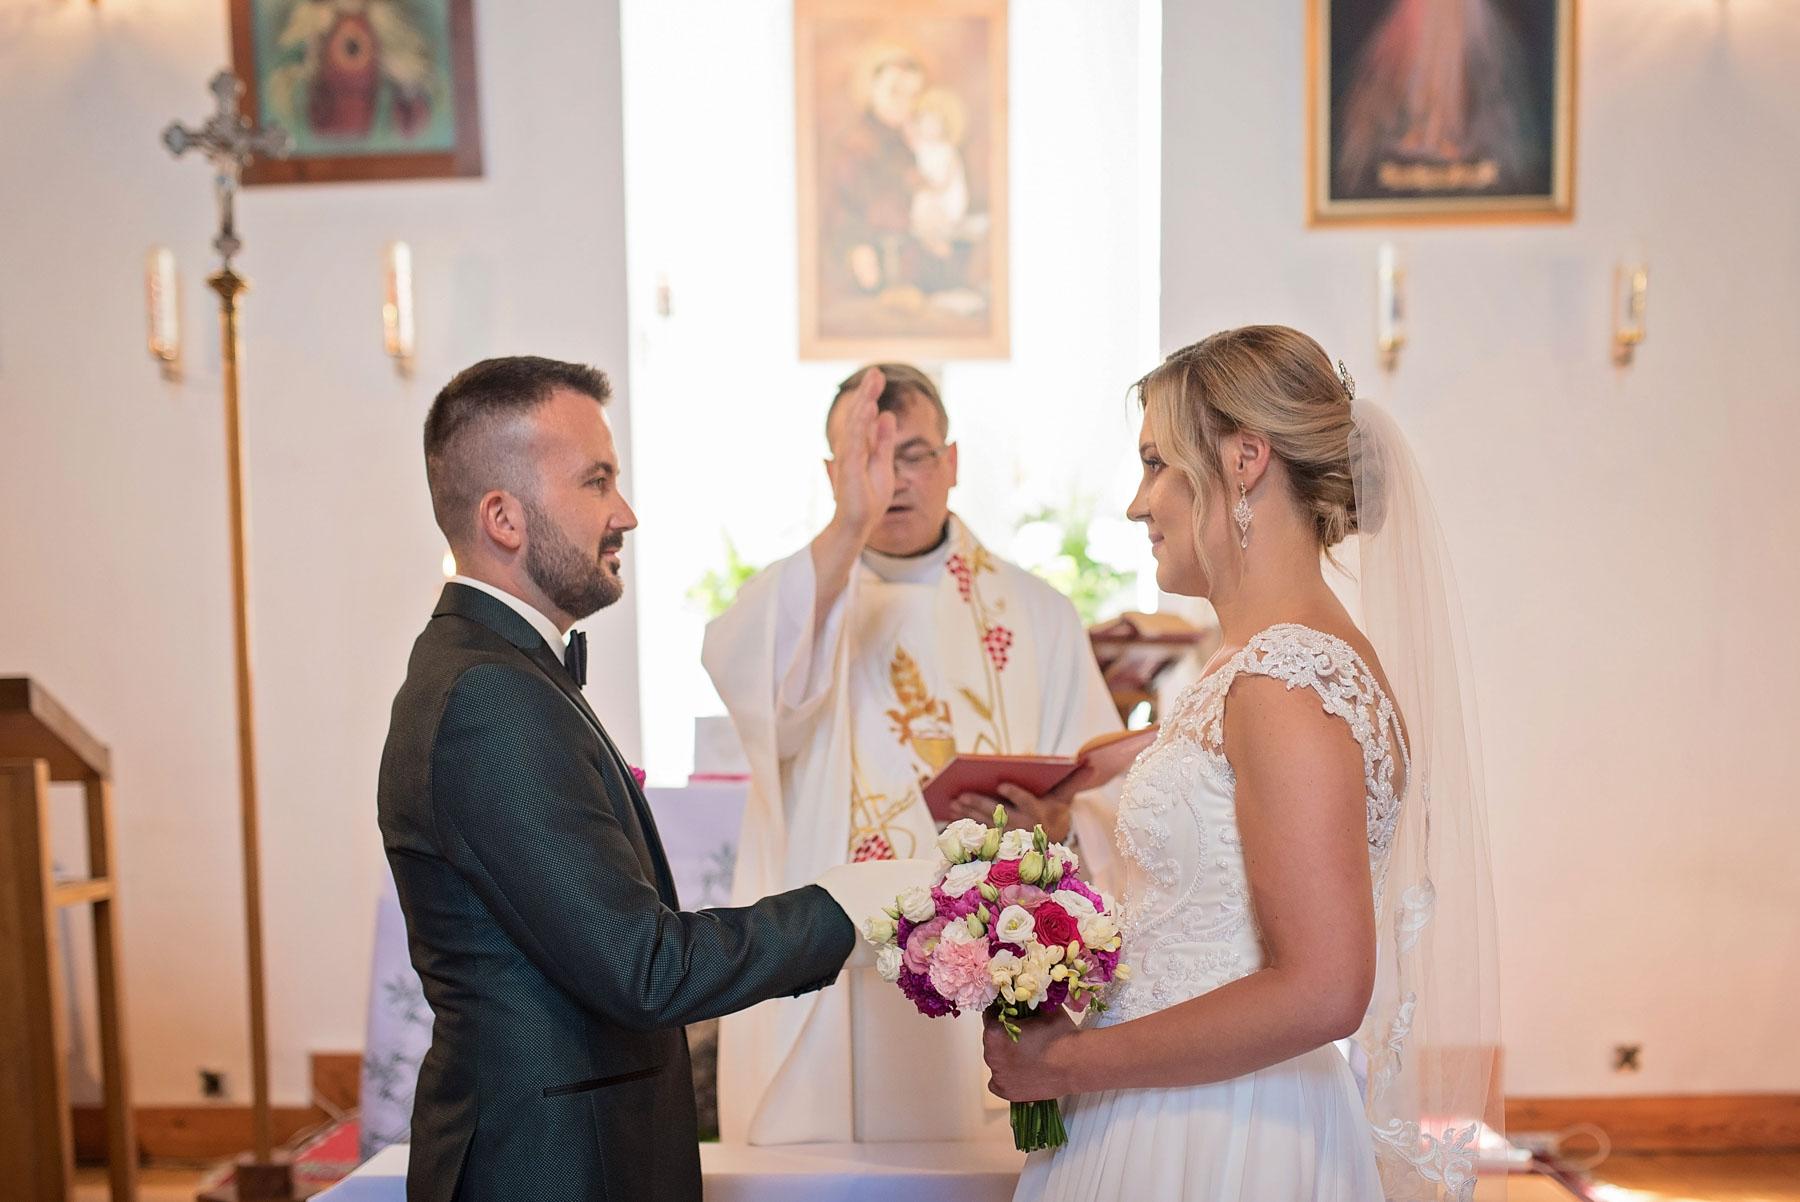 przysięga-ślubna-florrencja-fotografia